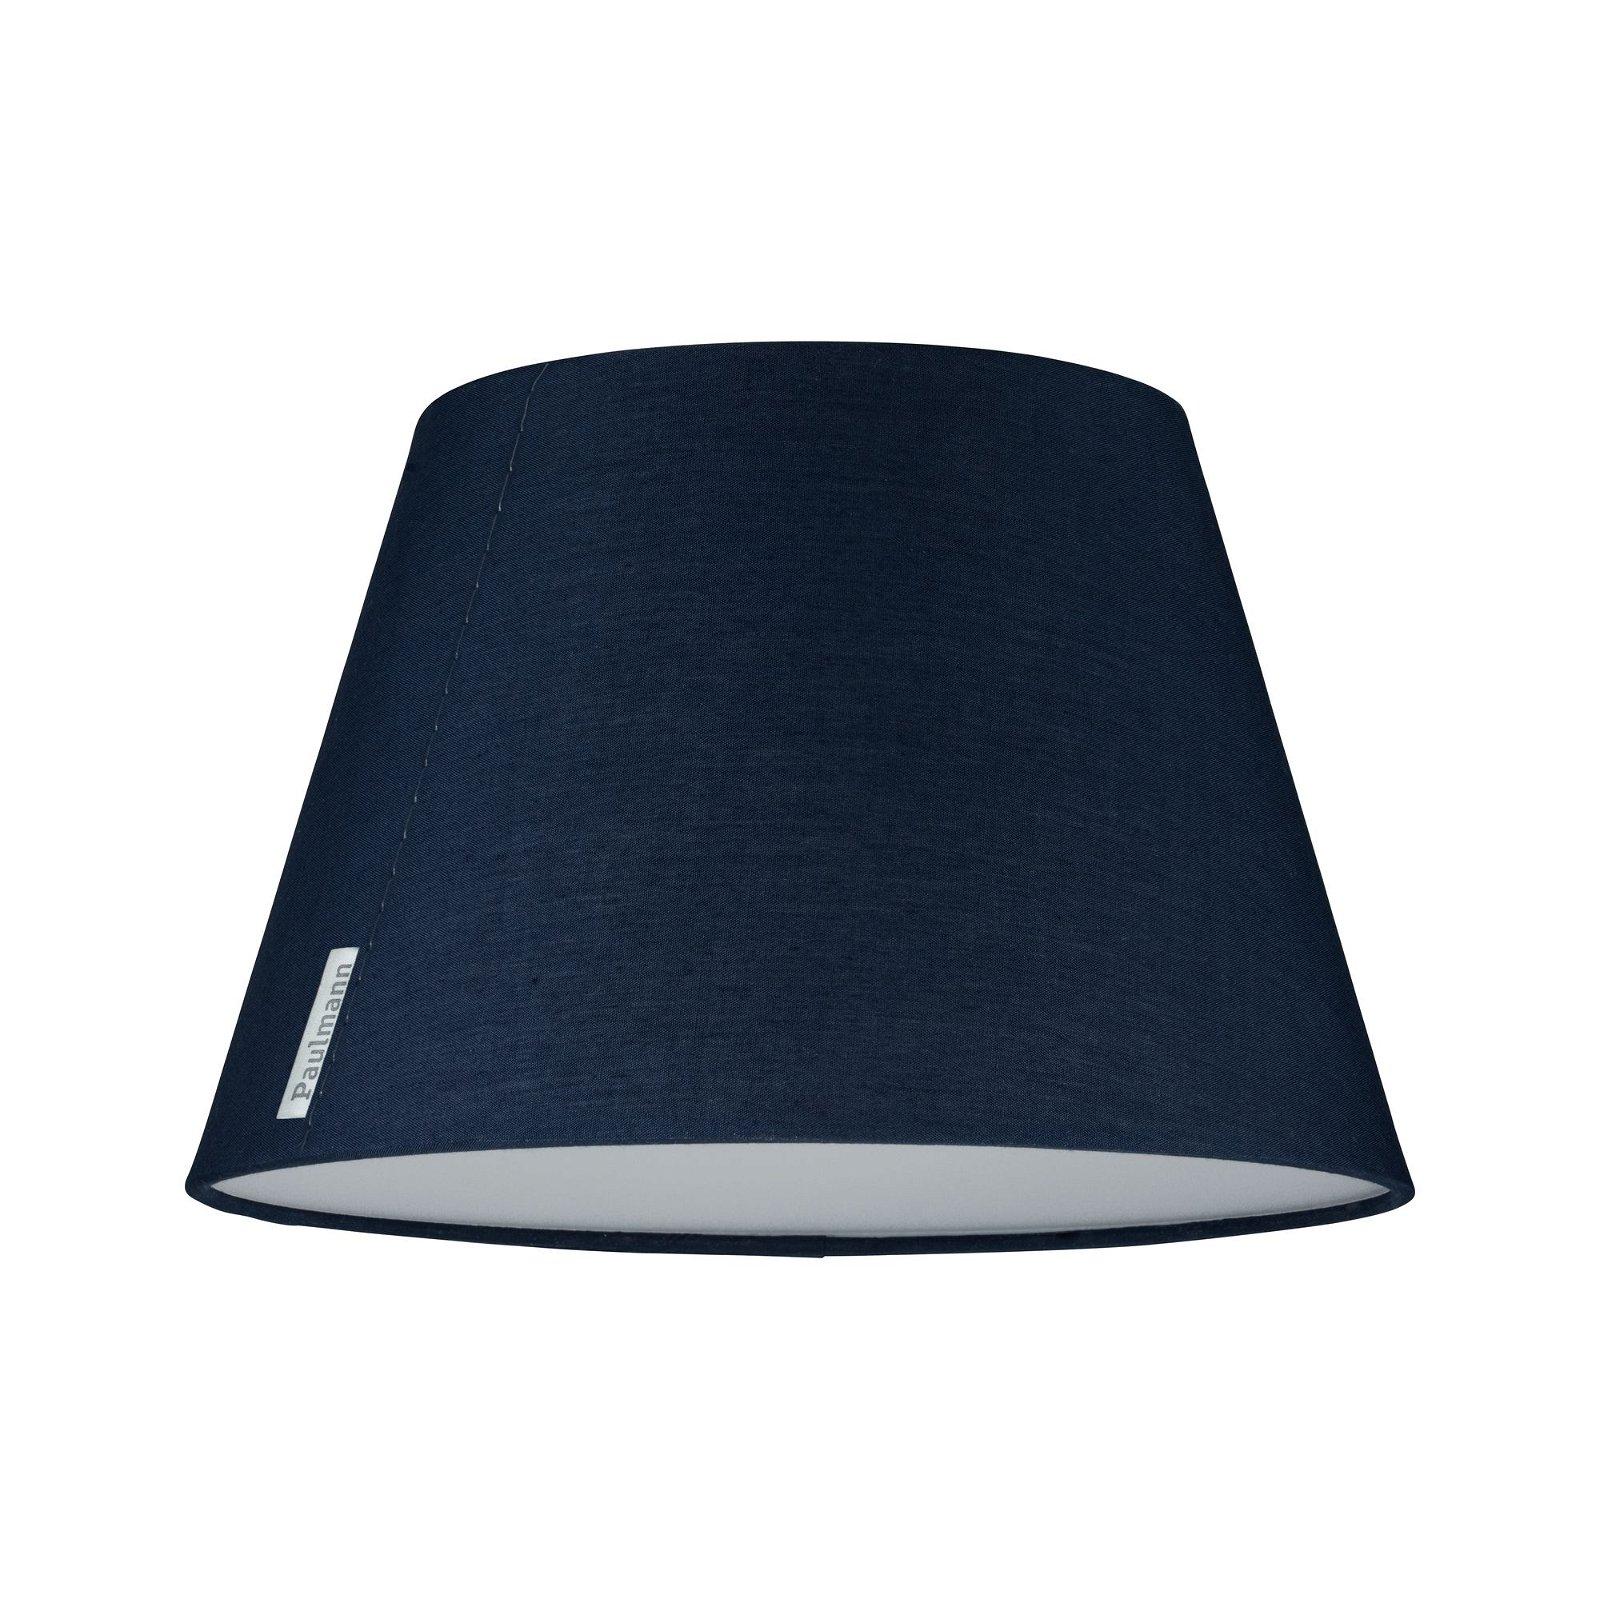 Deckenleuchte Mea 1-flammig Blau mit Stoffschirm, Durchmesser 25cm